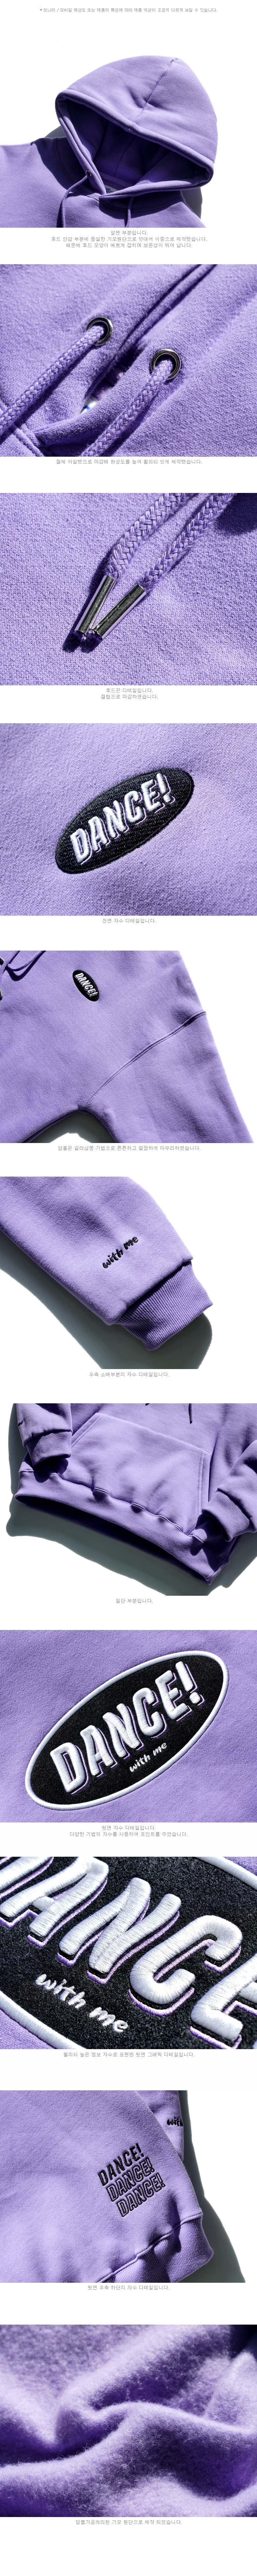 8070_detail_violet_ms_02.jpg